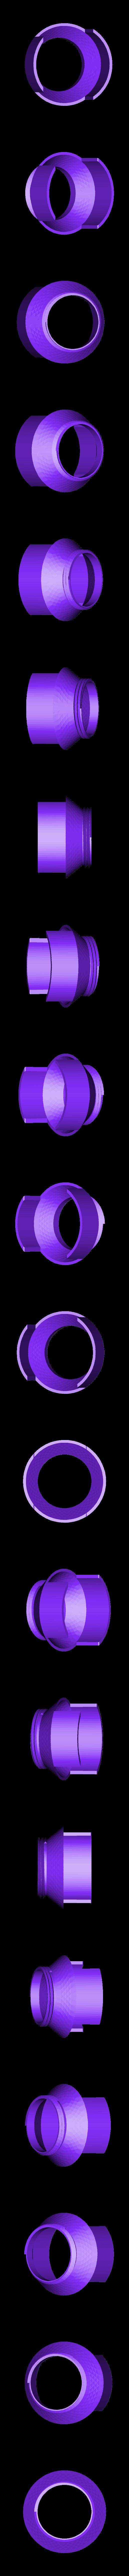 youngnuo-yn560_2.stl Télécharger fichier STL gratuit Adaptateur flash youngnuo pour gBeam • Objet à imprimer en 3D, willie42